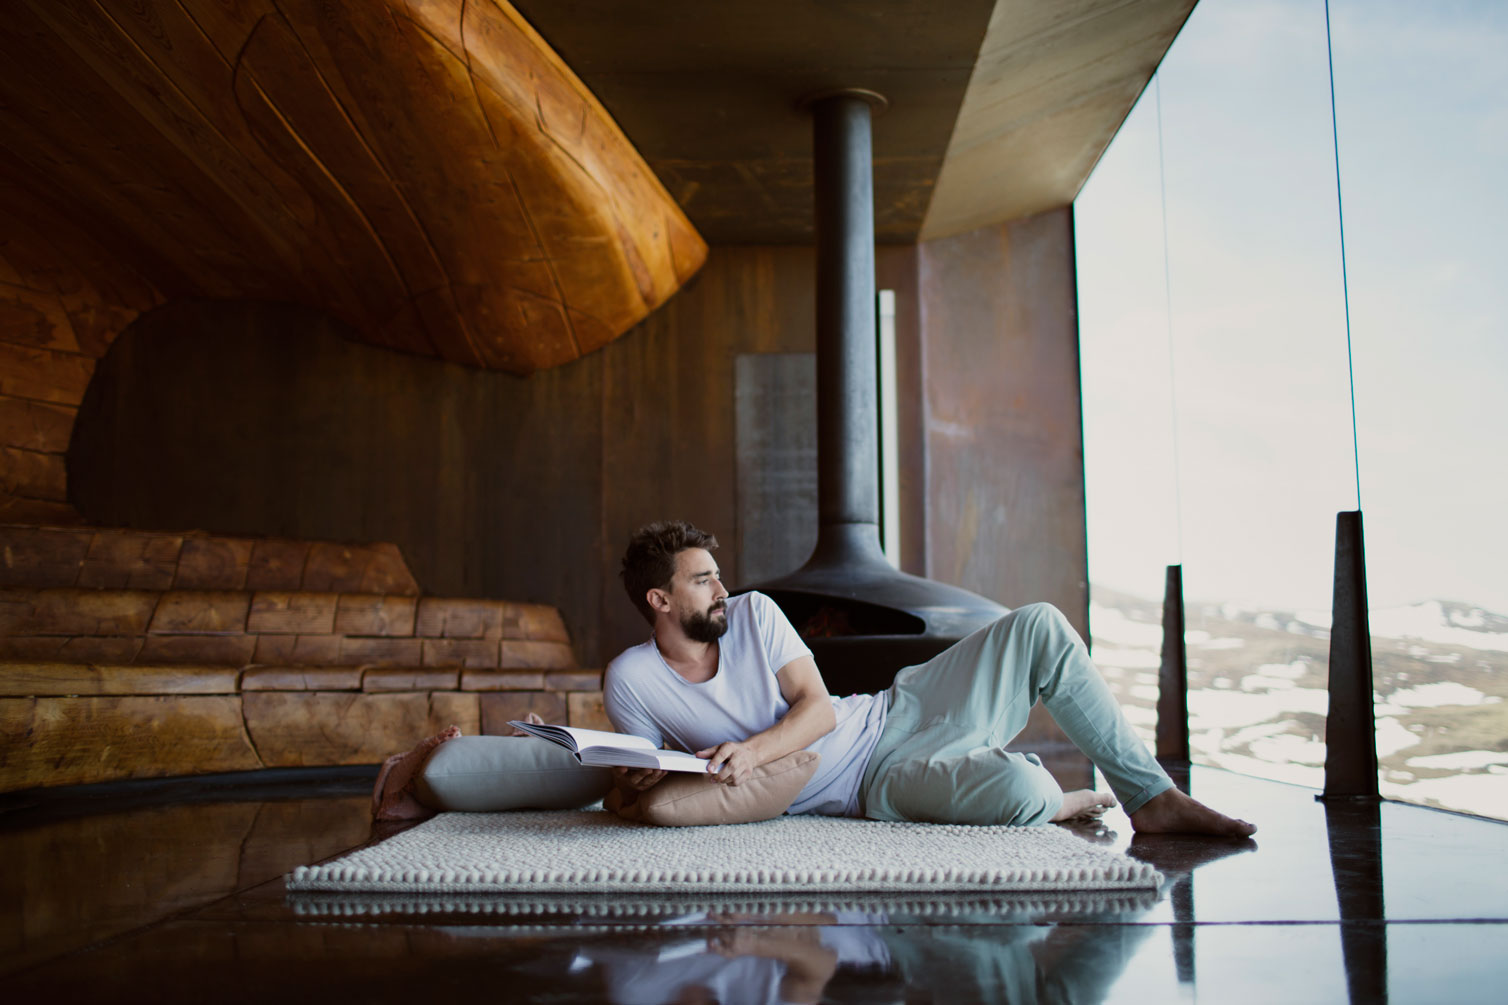 men's organic cotton nightwear, loungewear, pajamas, pyjamas